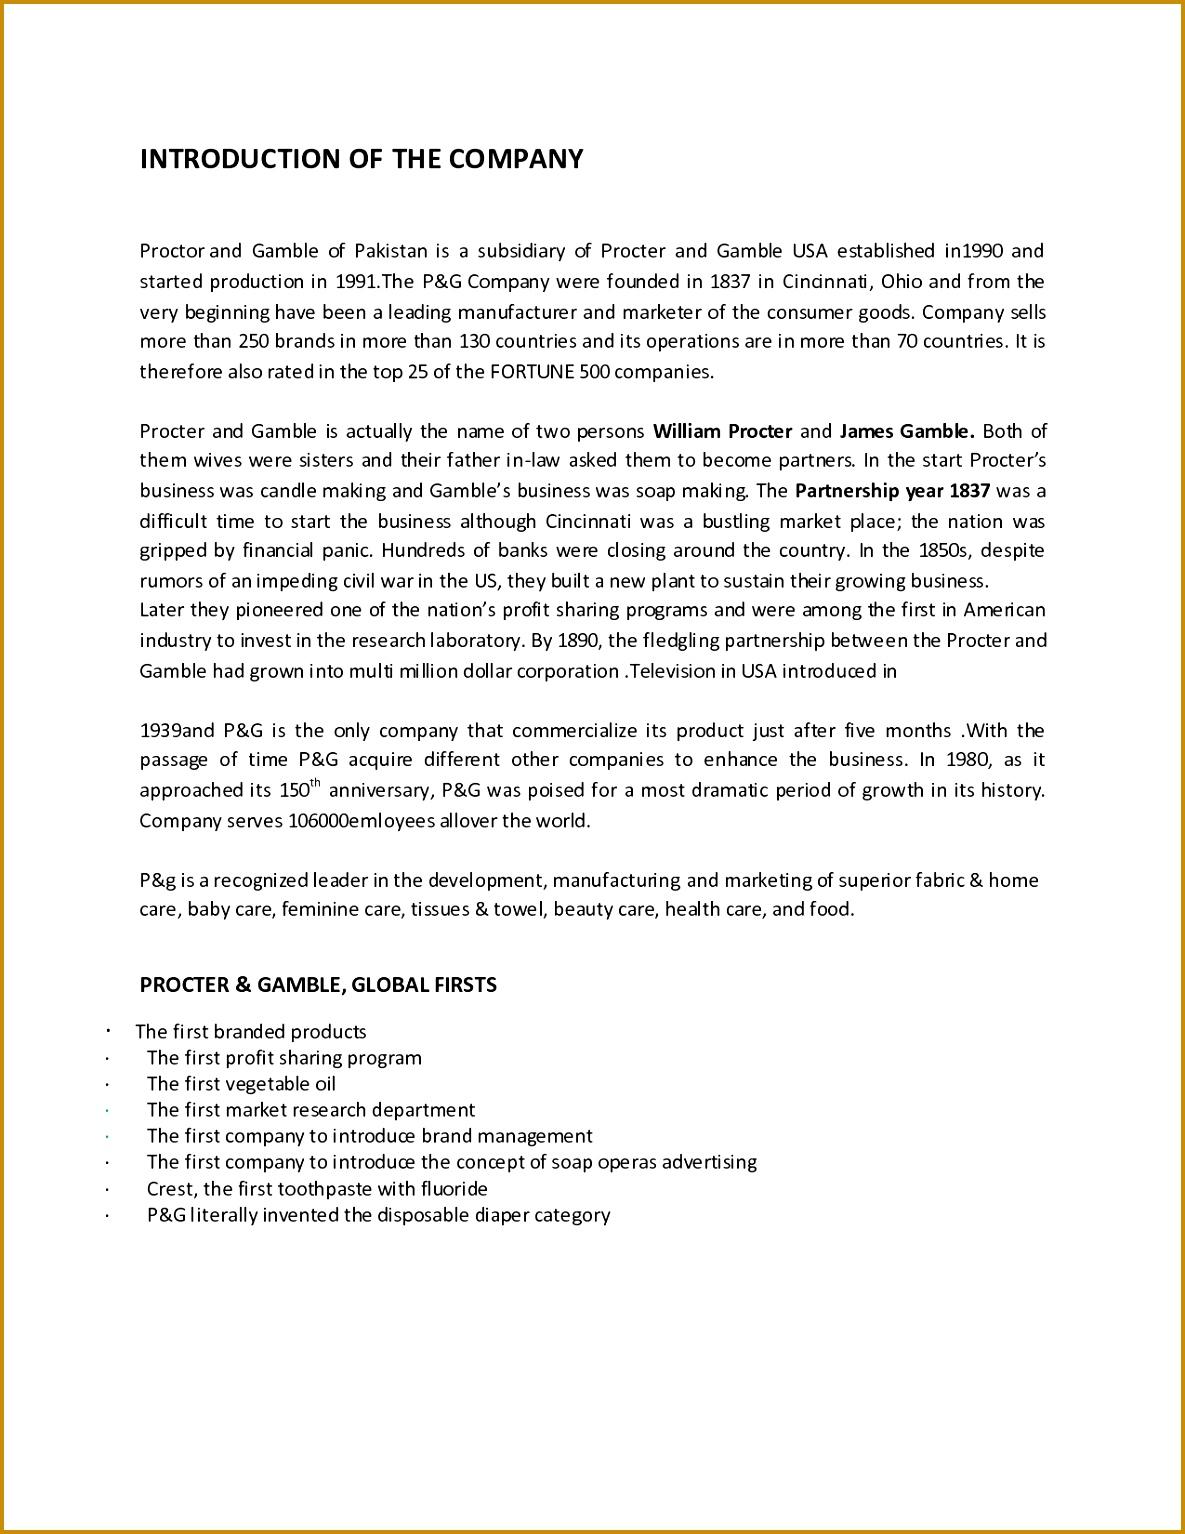 Sample Cover Letter Resume Best Od Consultant Cover Letter 15341185